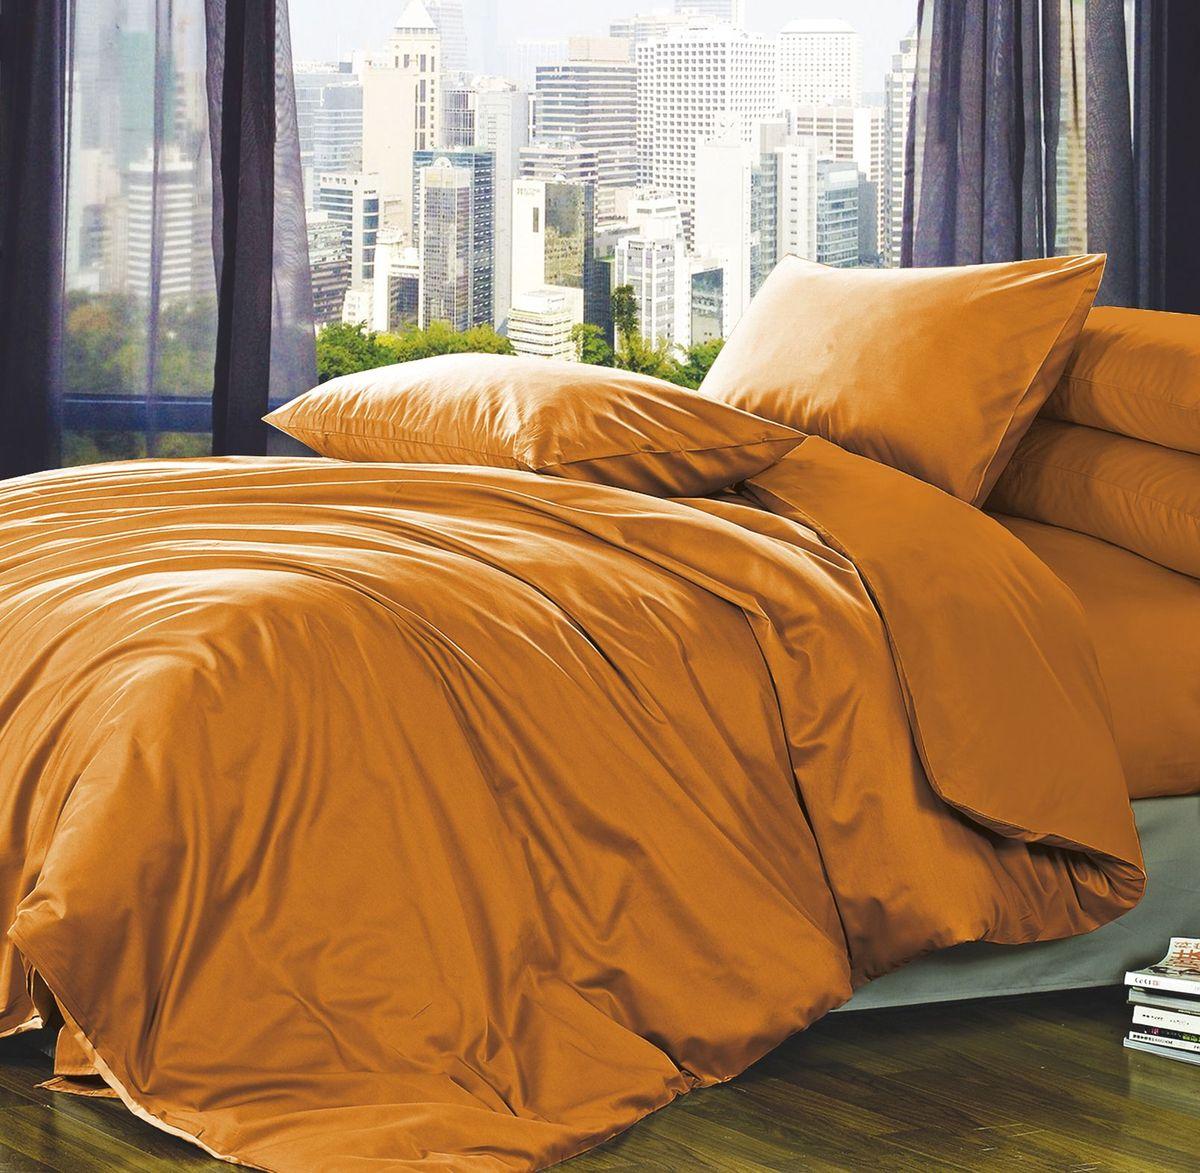 Комплект белья Коллекция Оранжевый, 2-спальный, наволочки 70x70 смСуховей — М 8Комплект постельного белья Коллекция Оранжевый выполнен из полисатина. Комплект состоит из пододеяльника, простыни и двух наволочек. Тонкое, средней плотности, с шелковистой поверхностью и приятным блеском постельное белье устойчиво к износу, не выгорает, не линяет, рассчитано на многократные стирки. Двойная скрутка волокон позволяет получать довольно плотный, прочный на разрыв материал. Легко отстирывается, быстро сохнет и самой важно для хозяек - не мнется!